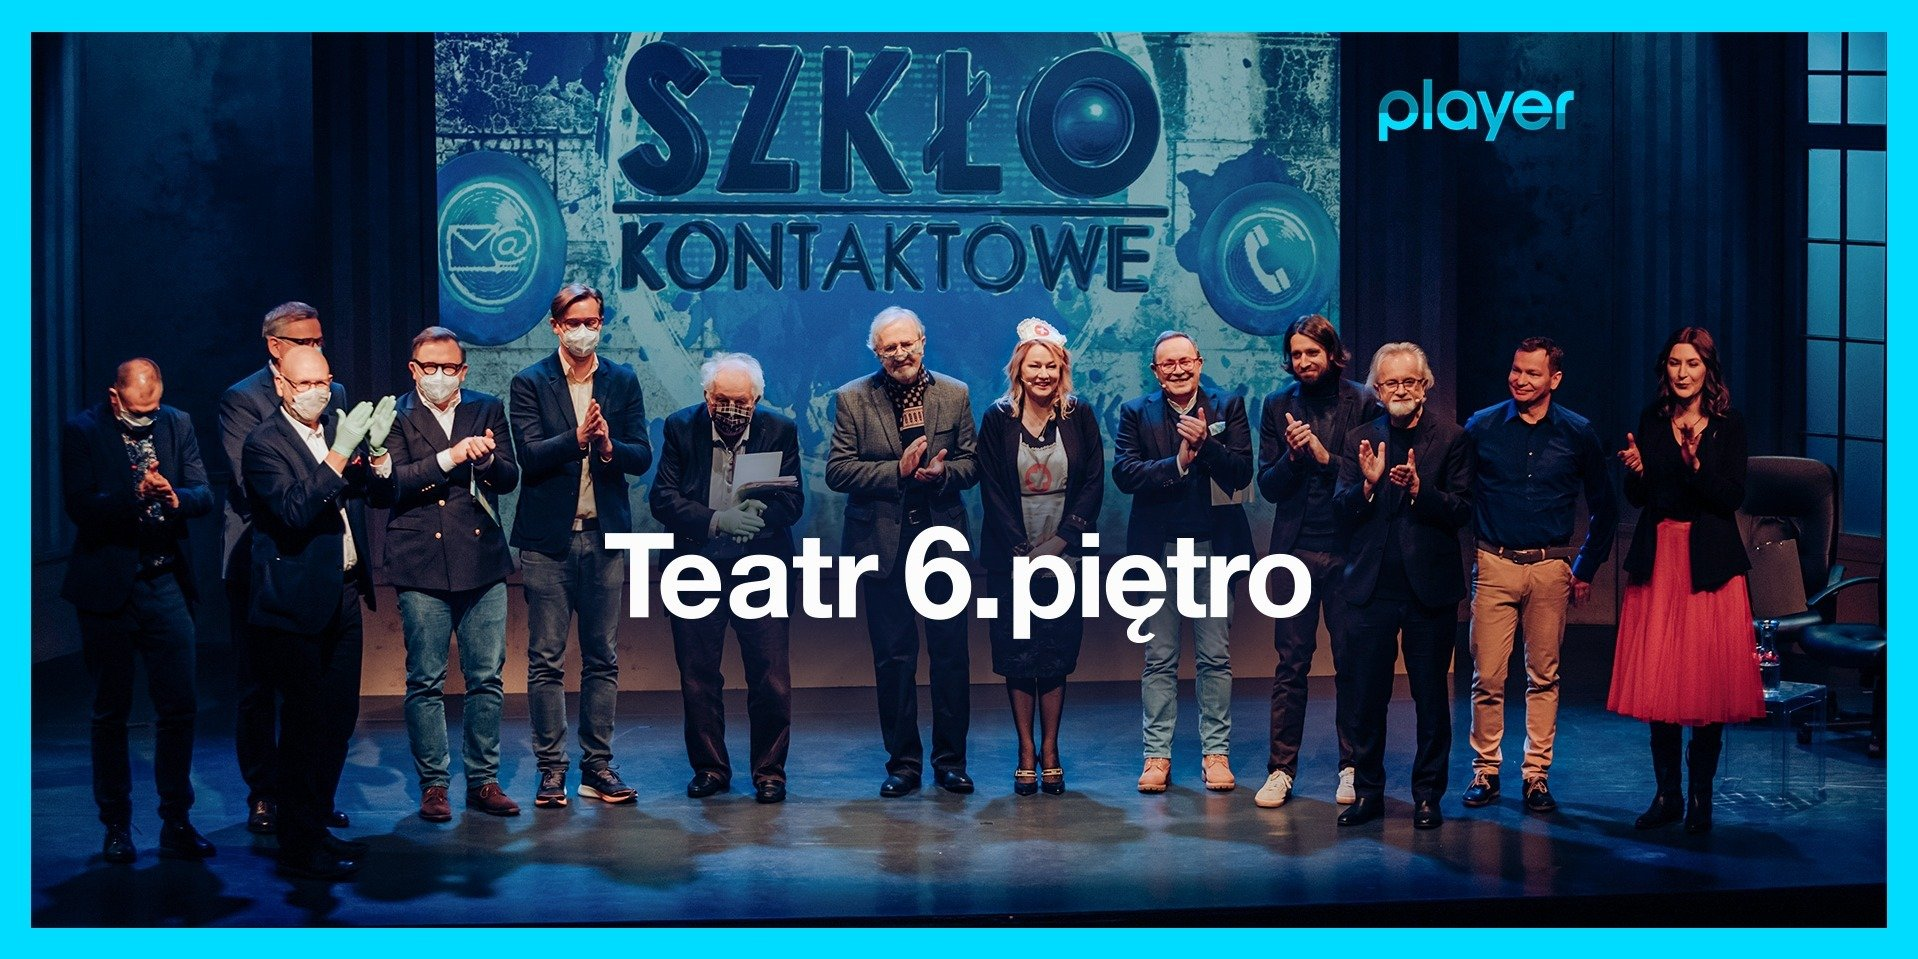 """Player wraz z Teatrem 6. piętro inaugurują nowy projekt """"6. piętro w Twoim domu"""""""